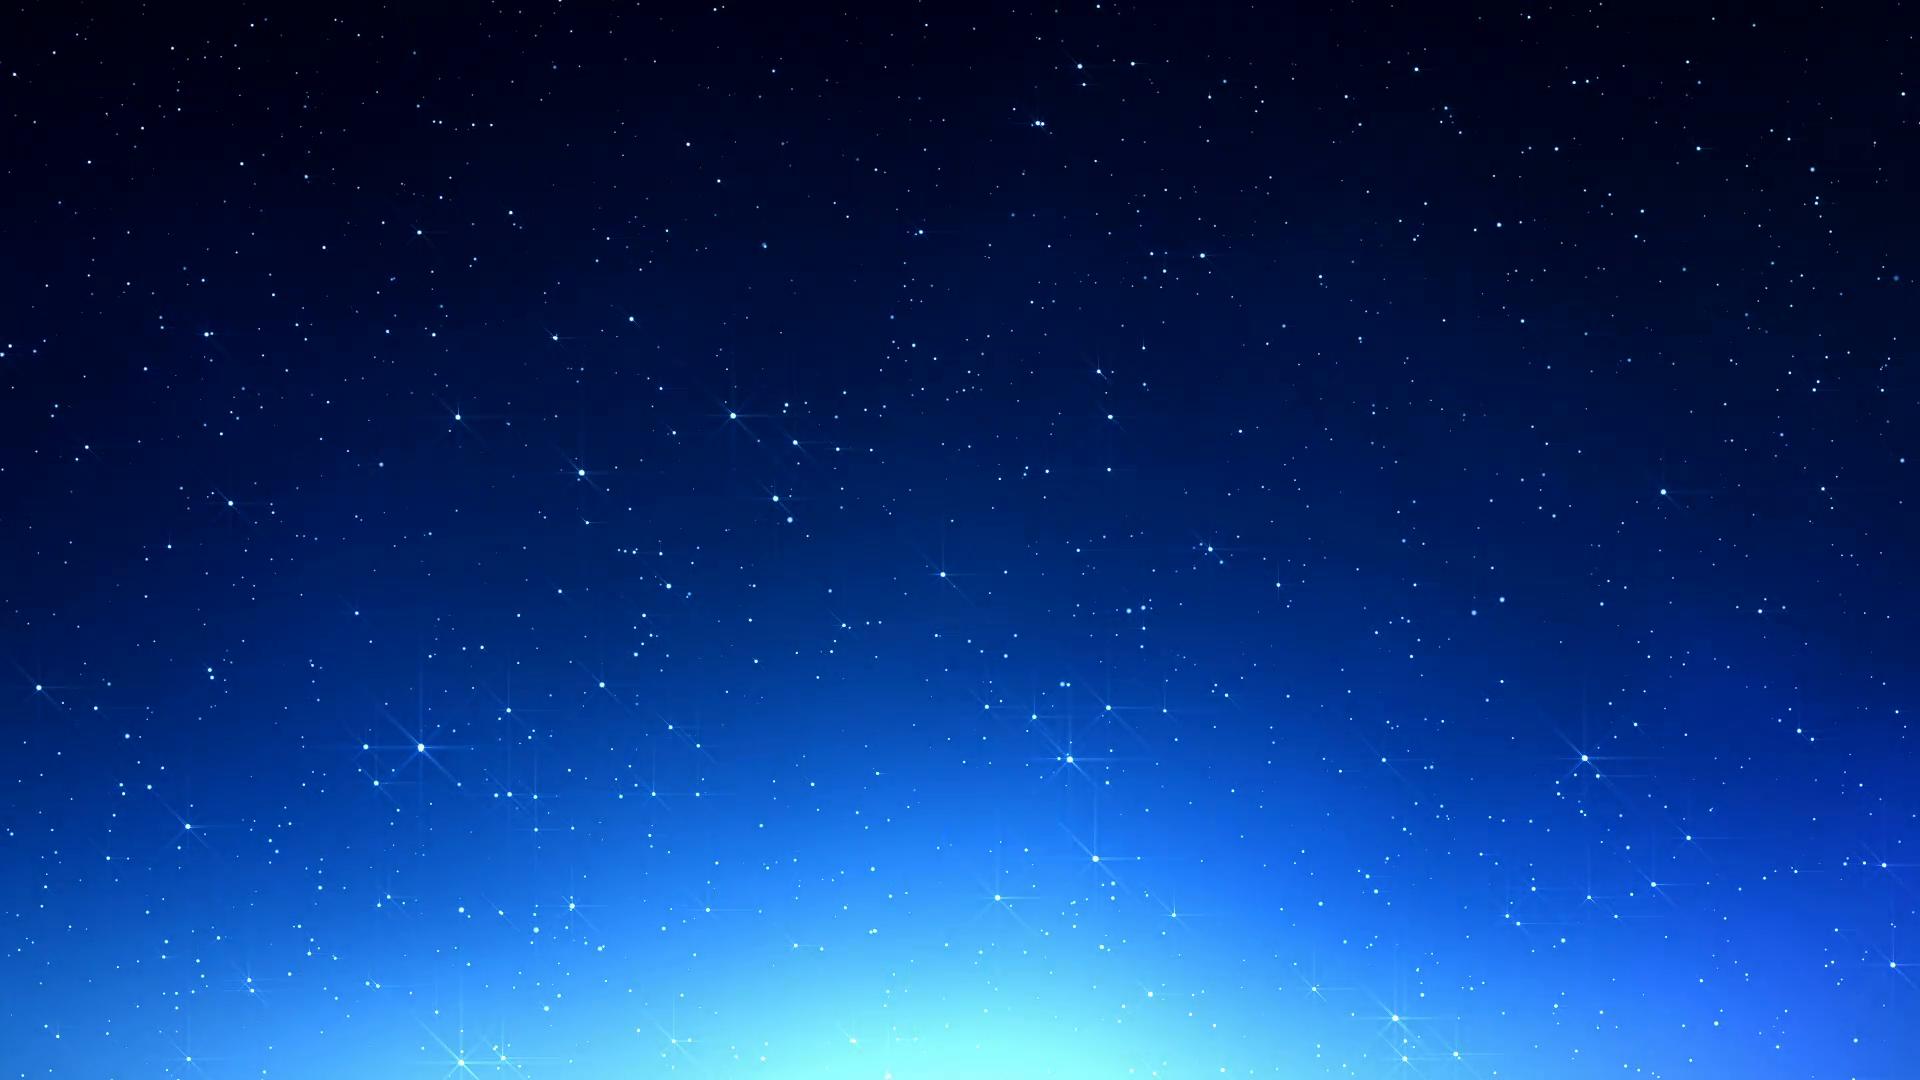 starry sky background - Starry Sky Background PNG